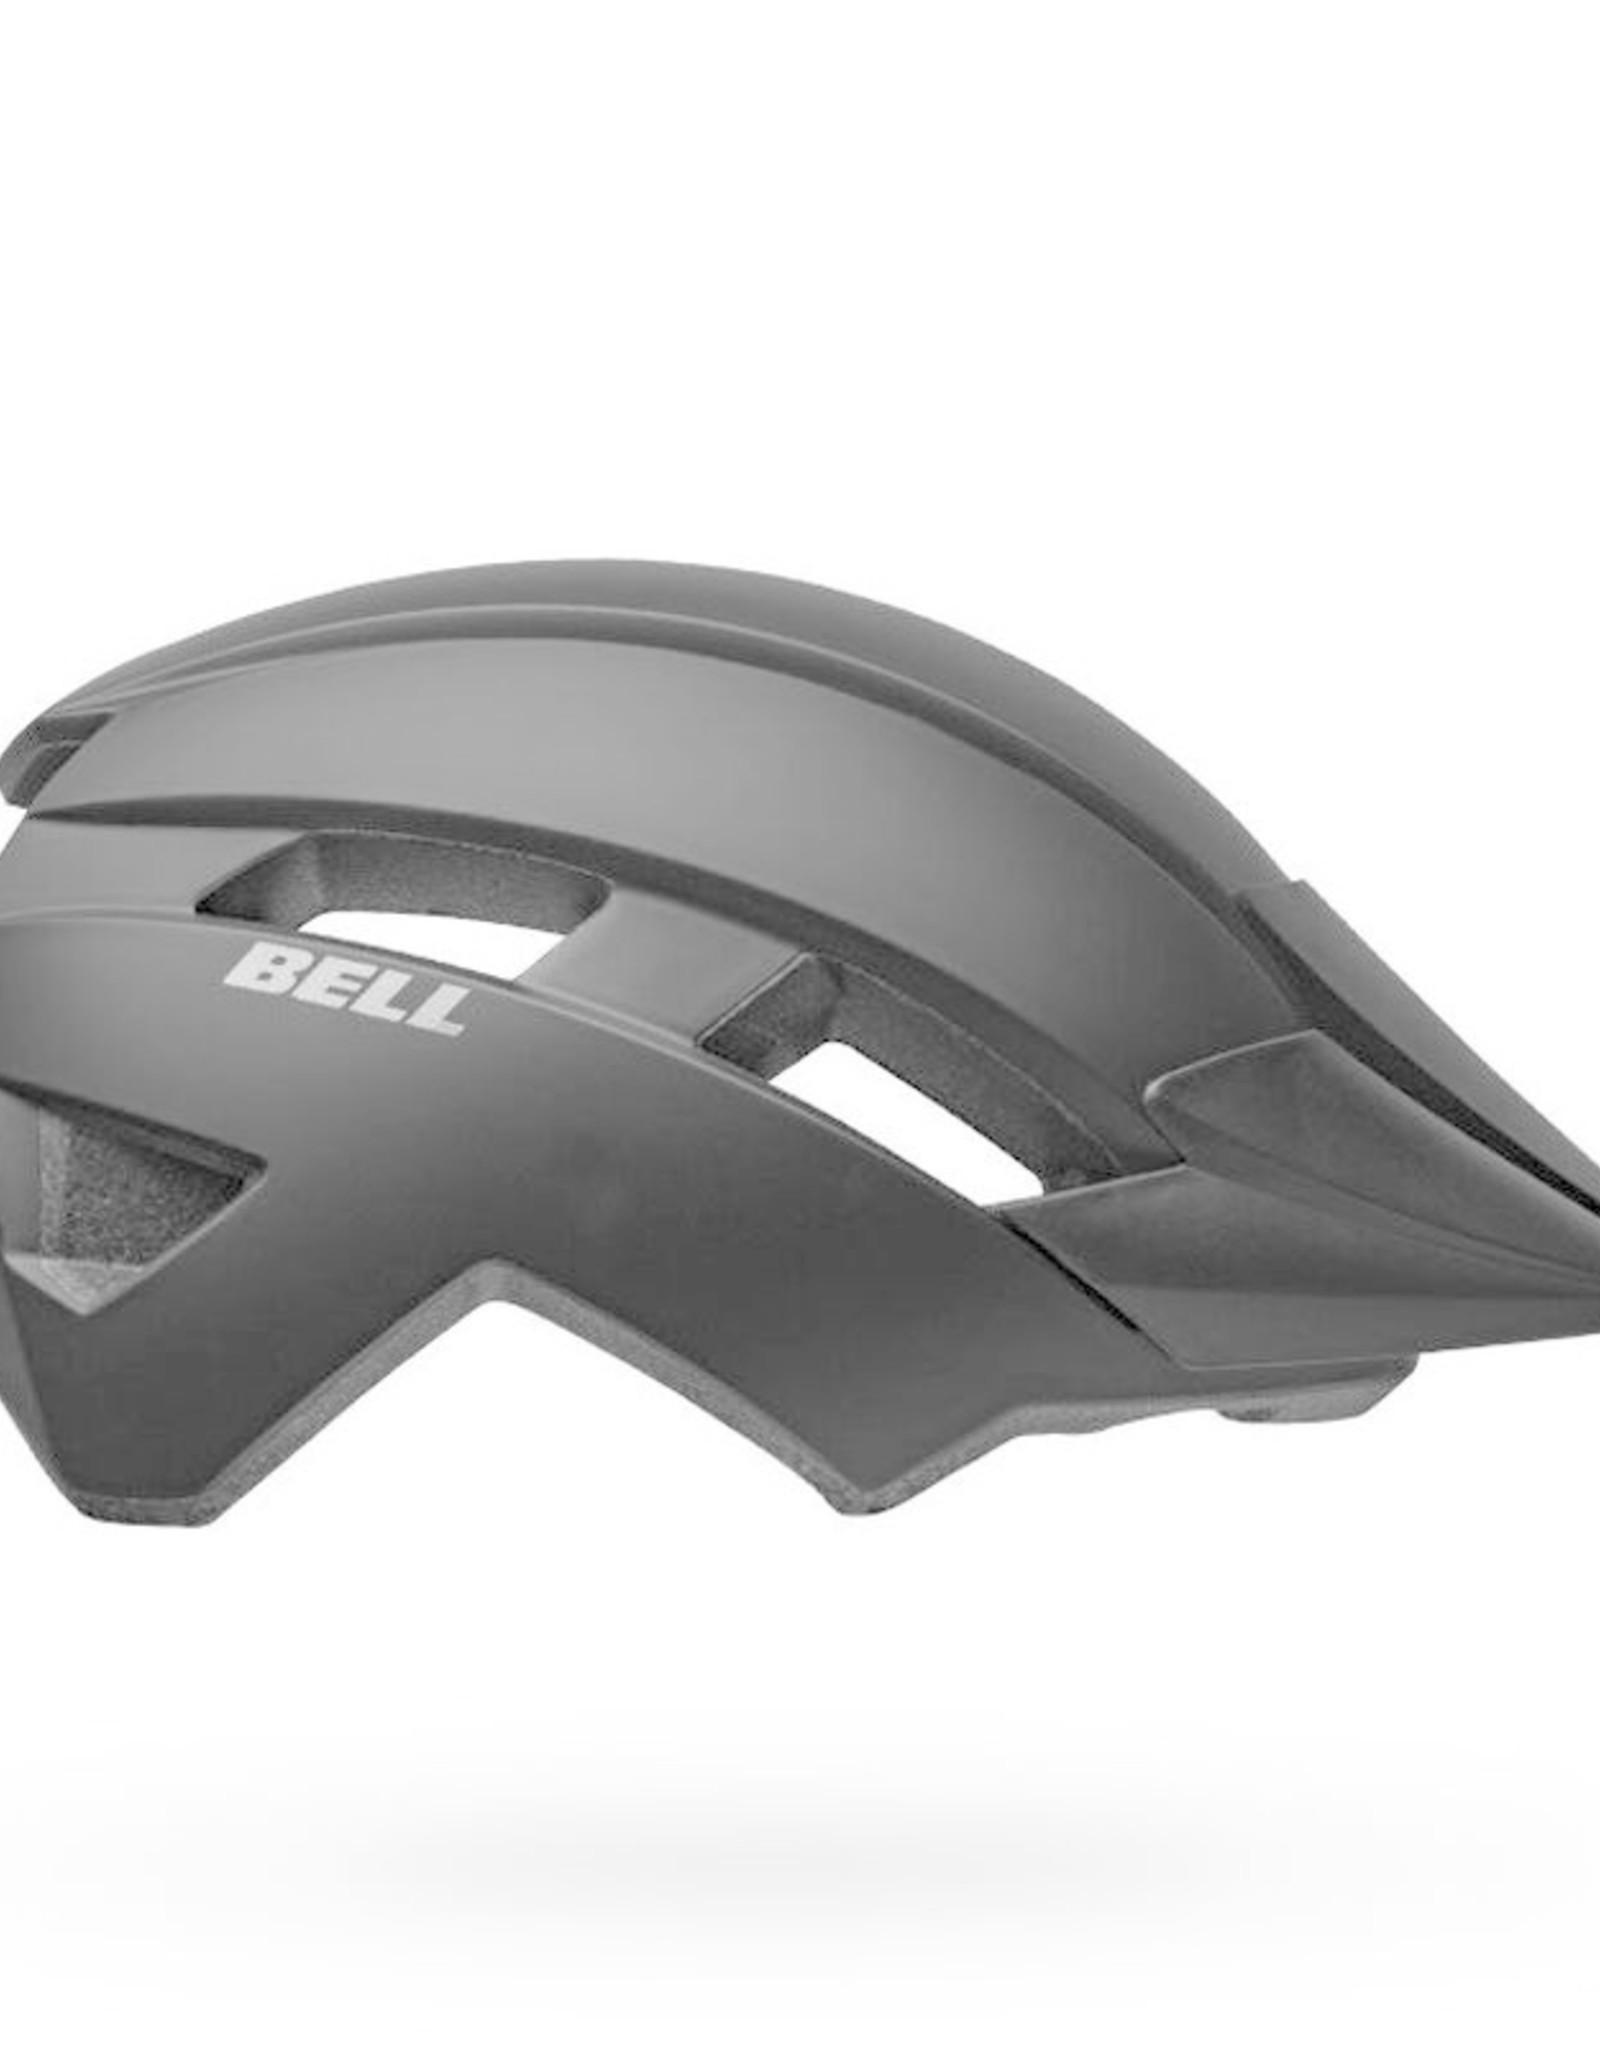 Bell Bell Sidetrack II Kids Bike Helmet